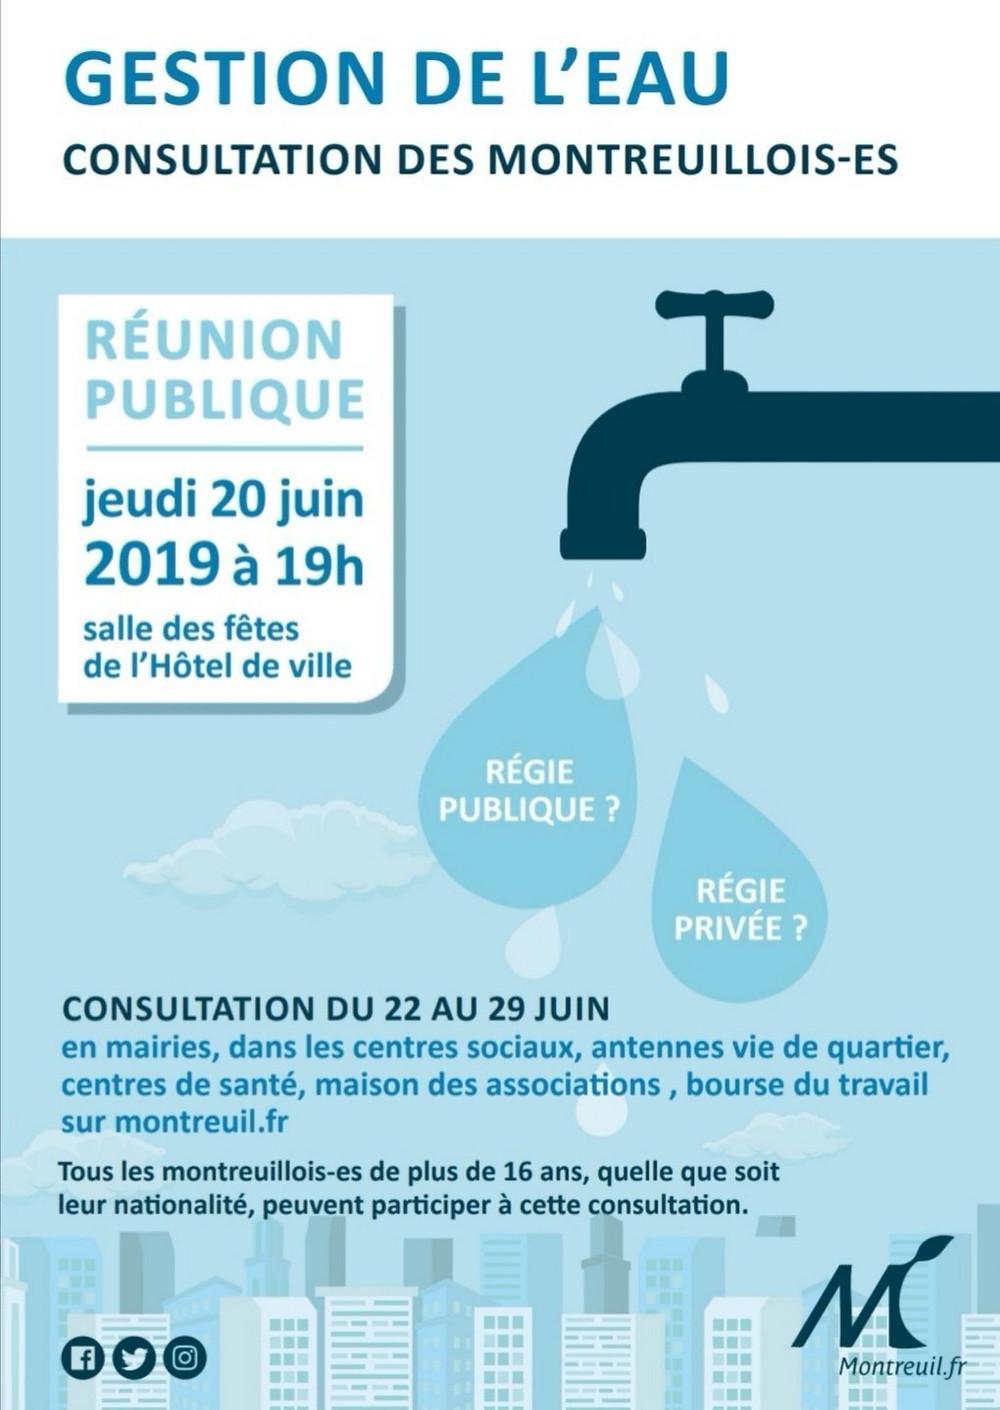 Retrouvez-nous jeudi 20 juin 2019 à 19h à la salle des fêtes de l'Hôtel de Ville pour échanger sur la consultation des Montreuillois·es sur la gestion de l'eau